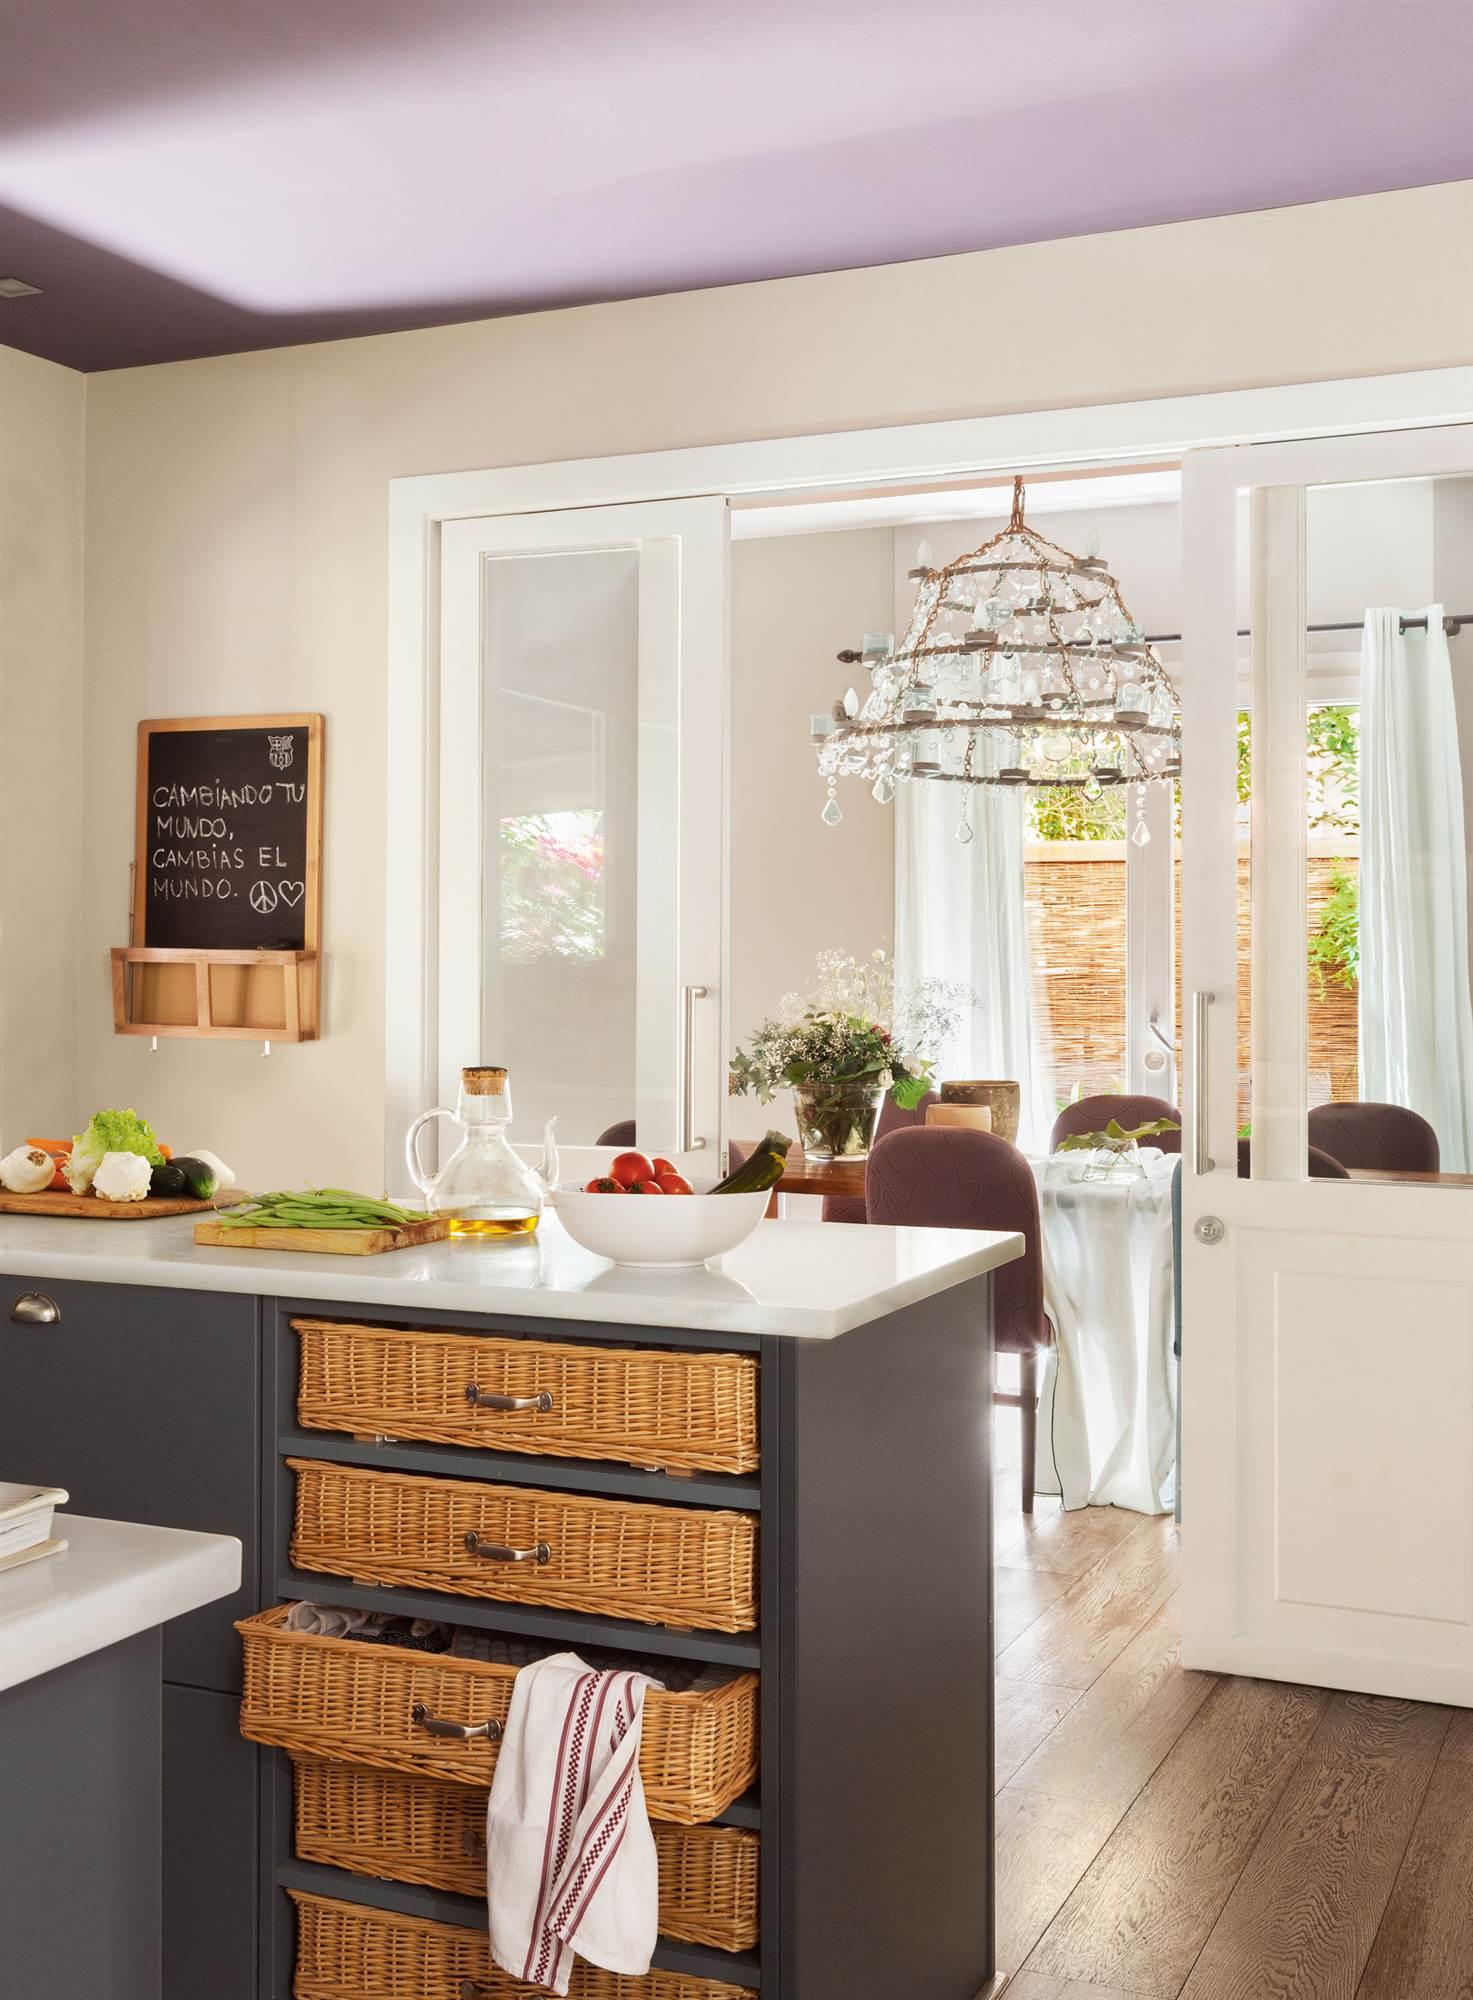 2095 Fotos de Cocinas